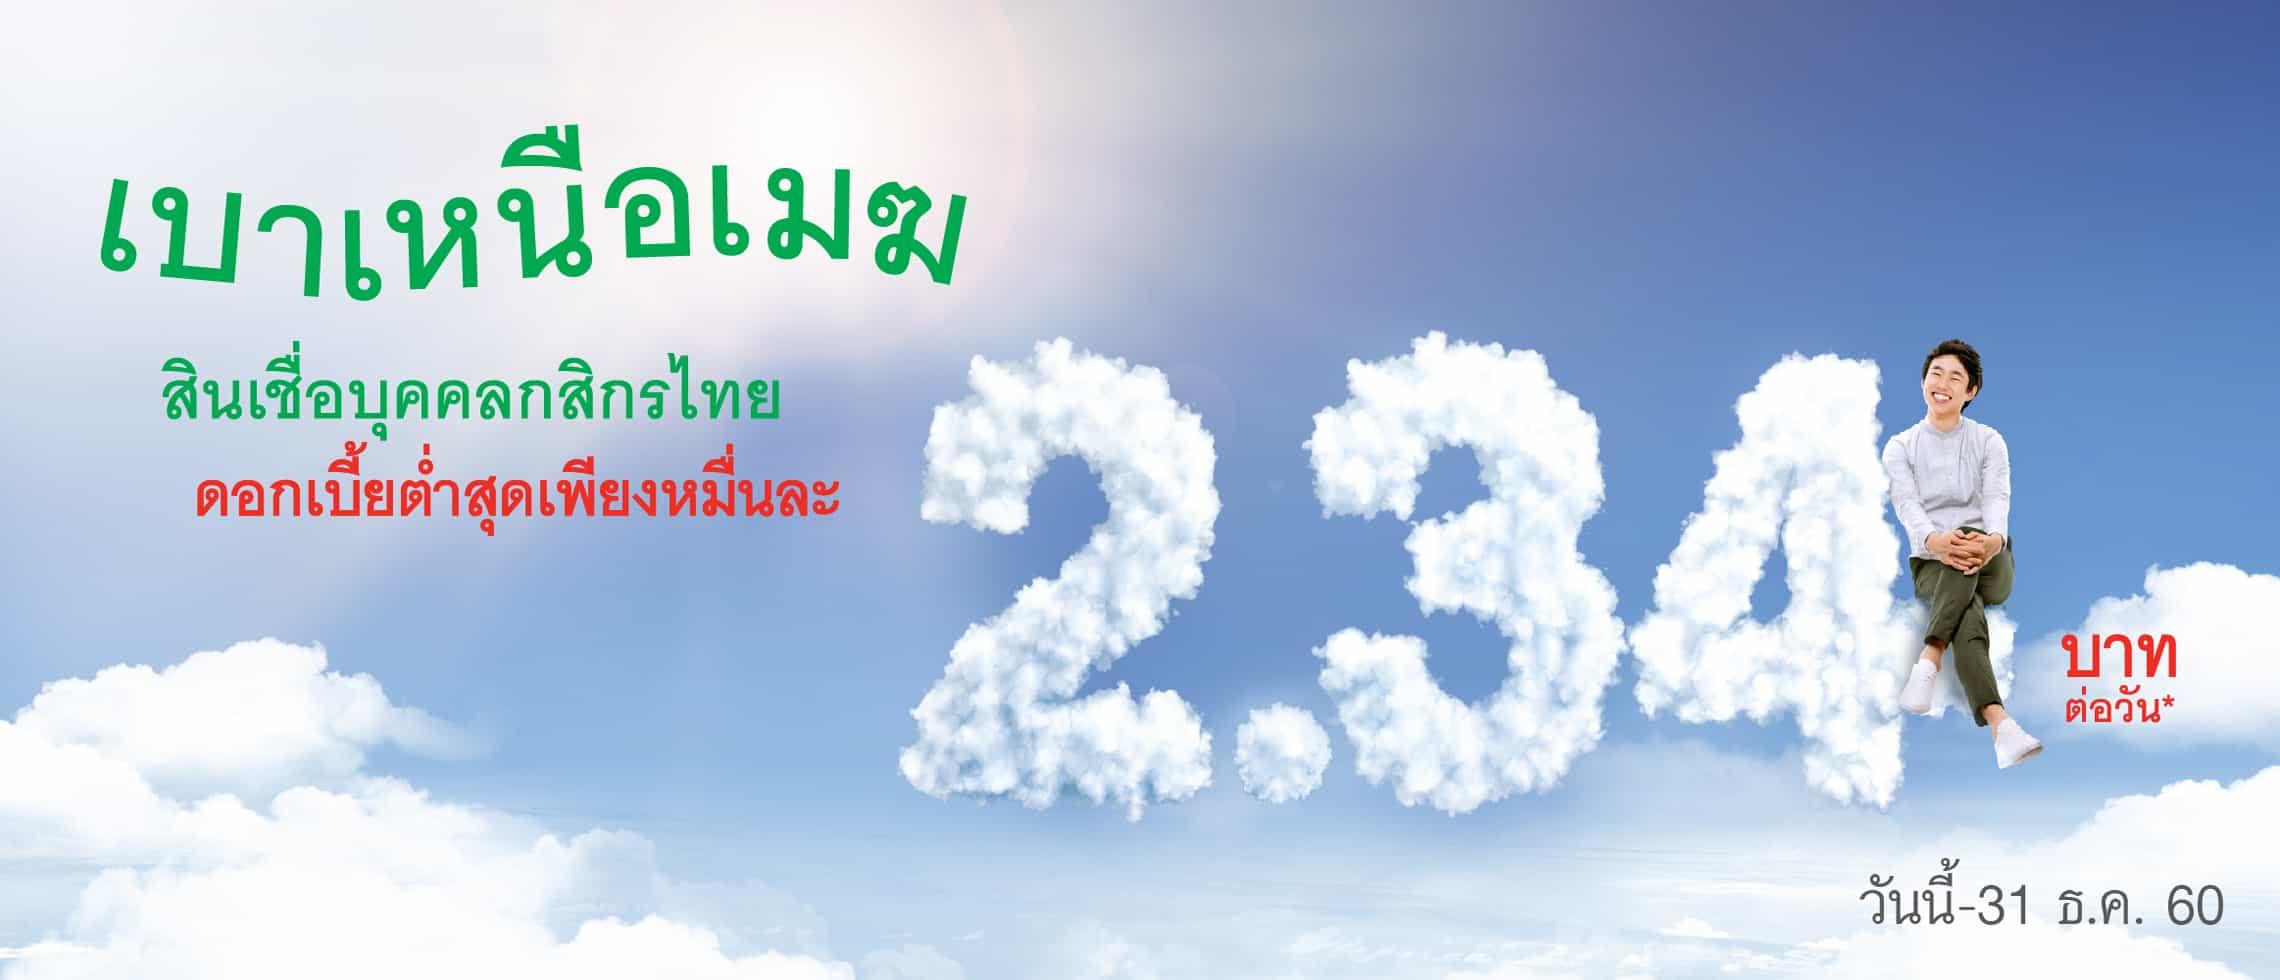 สมัครสินเชื่อกสิกรไทย สินเชื่อบุคคล สินเชื่อเงินสดอเนกประสงค์